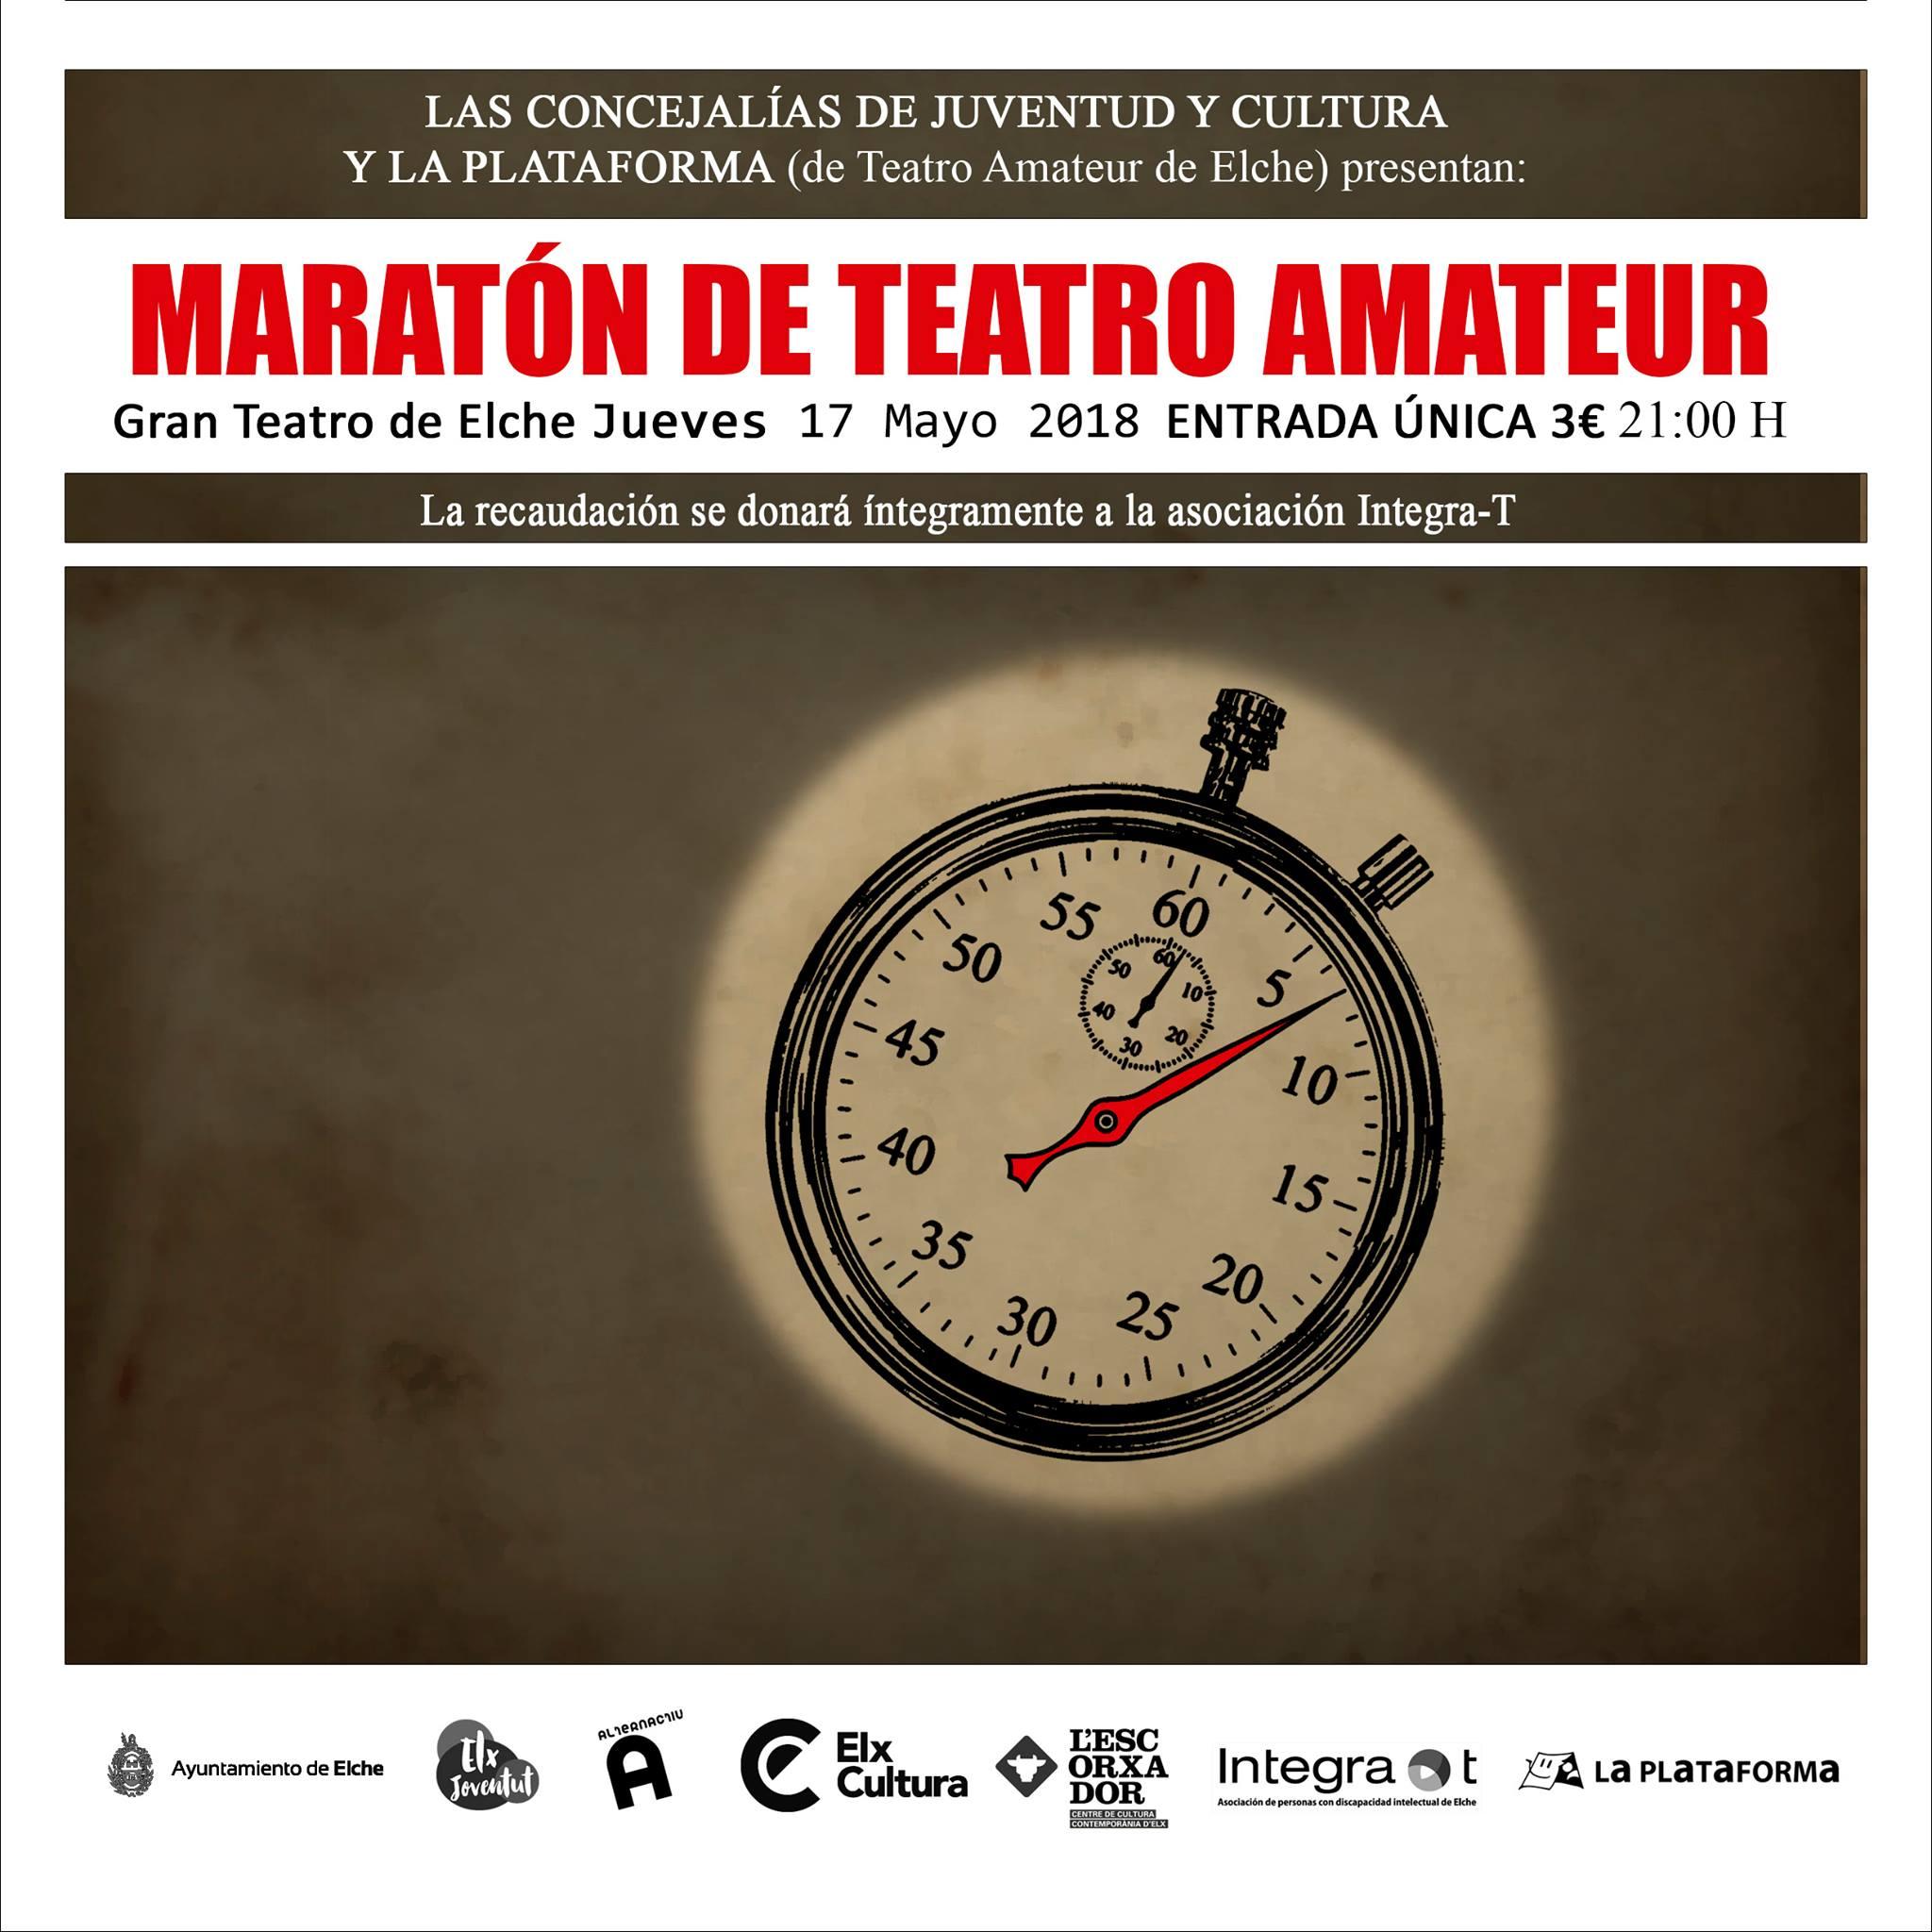 maraton-teatro-integrante-fundacion-juan-peran